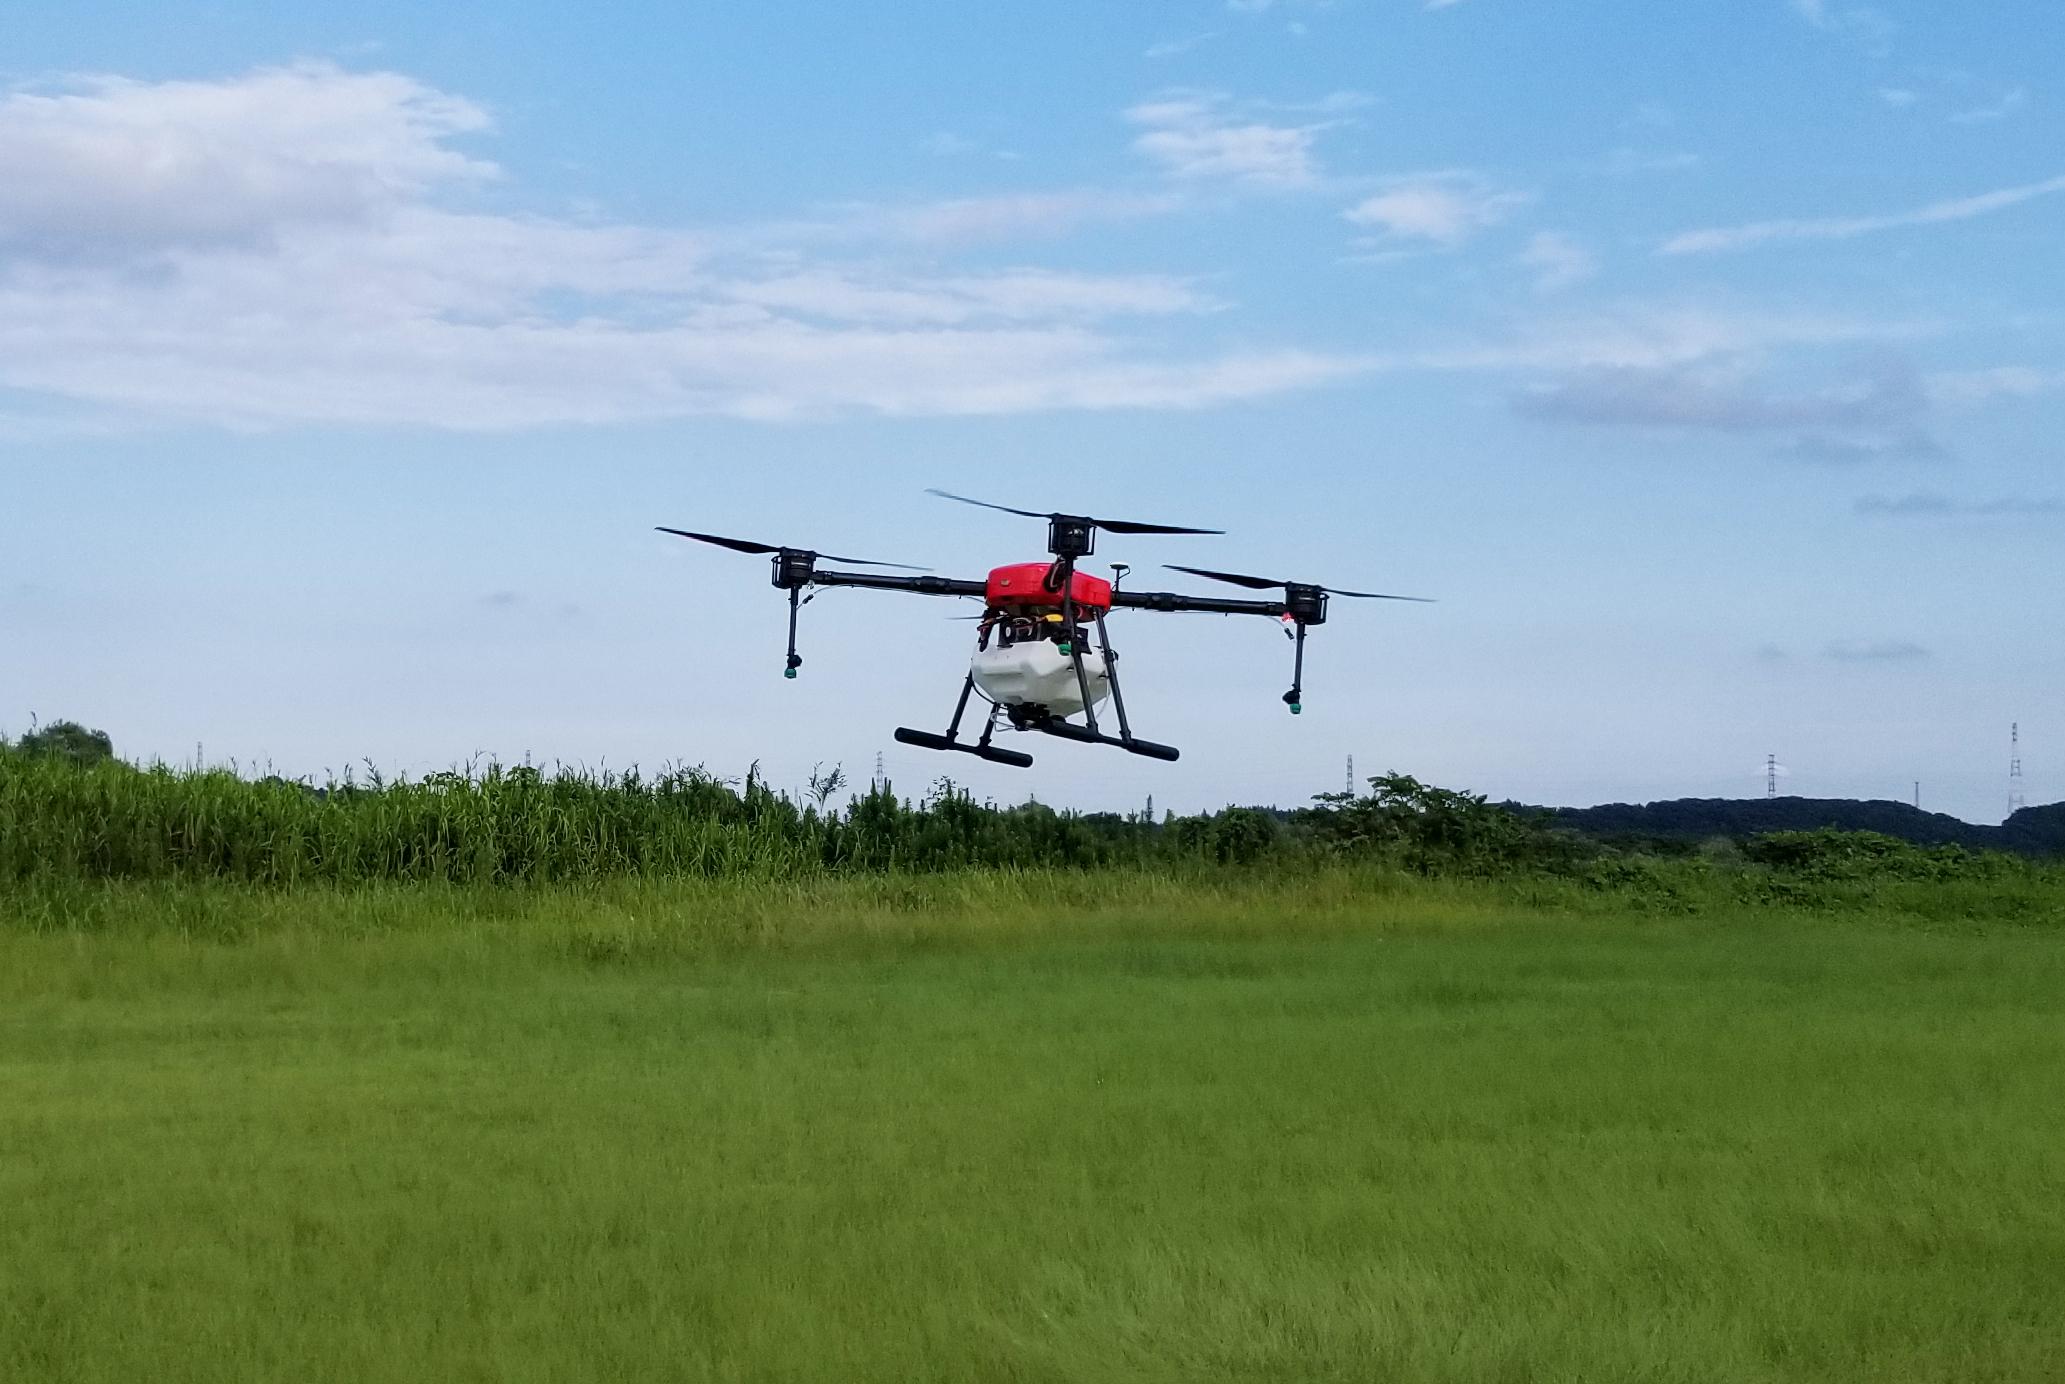 農薬散布ドローン「FLIGHTS-AG」 機能を改善、拡充した新モデルを9月より販売開始